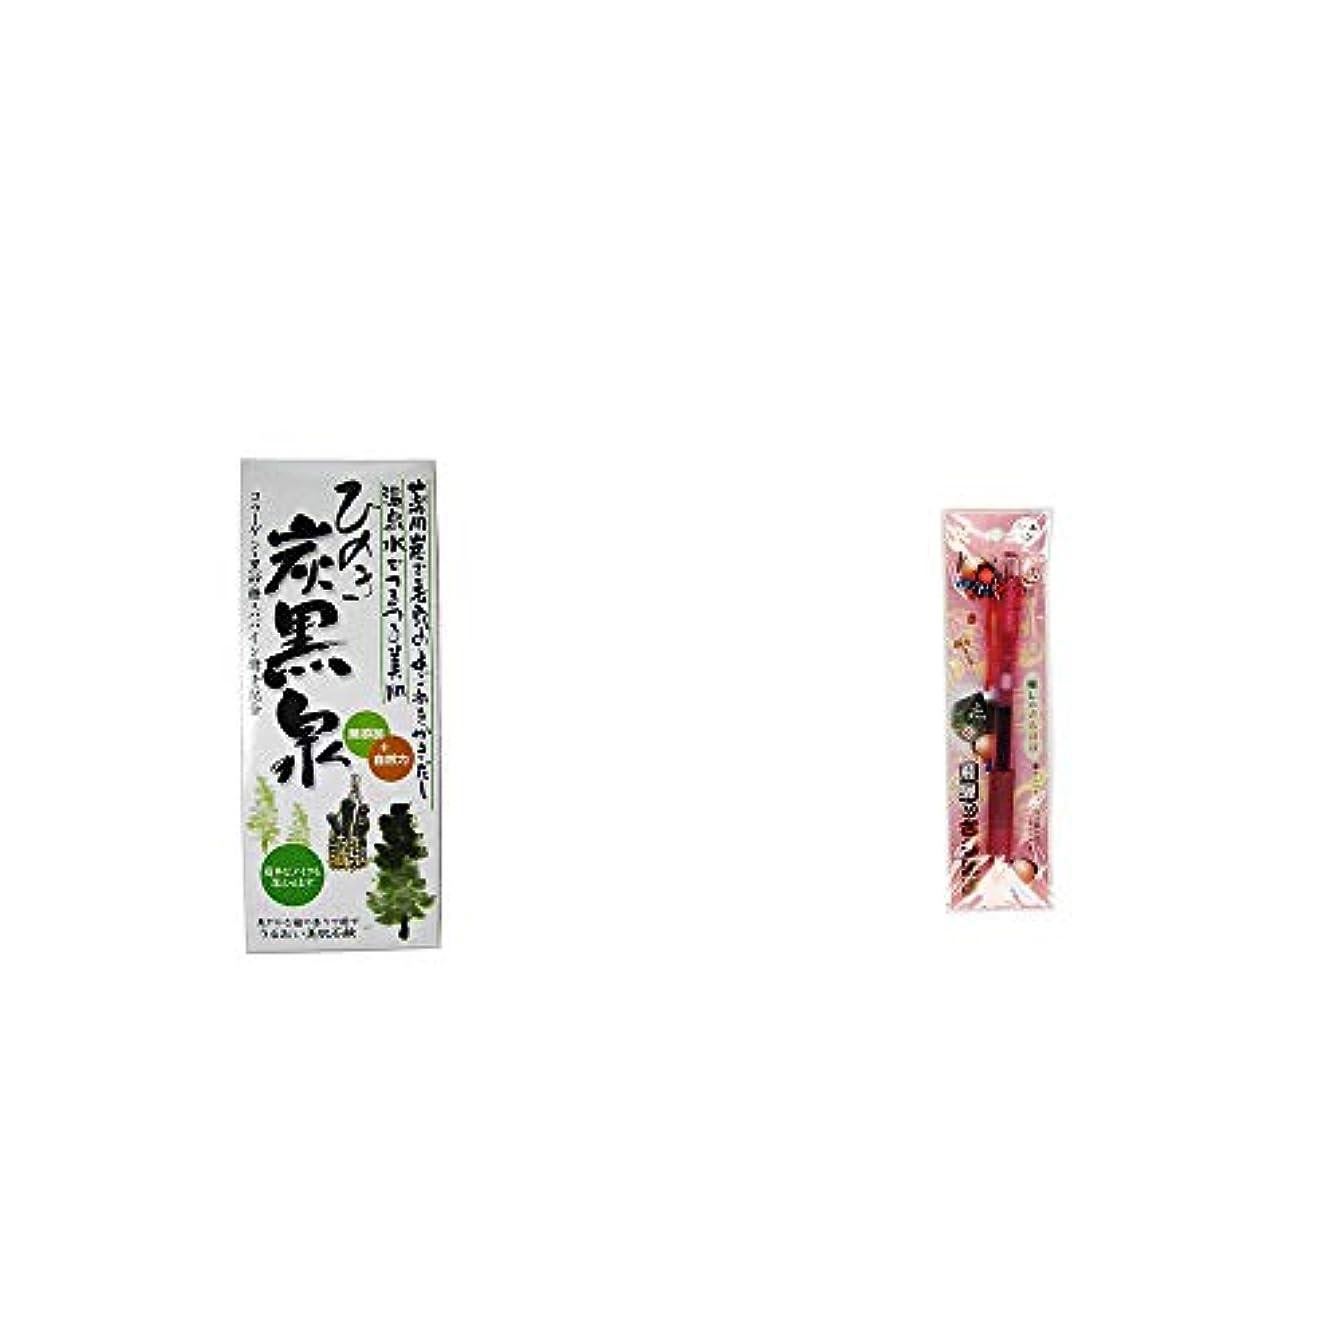 有効化既婚血まみれ[2点セット] ひのき炭黒泉 箱入り(75g×3)?さるぼぼ 癒しボールペン 【ピンク】